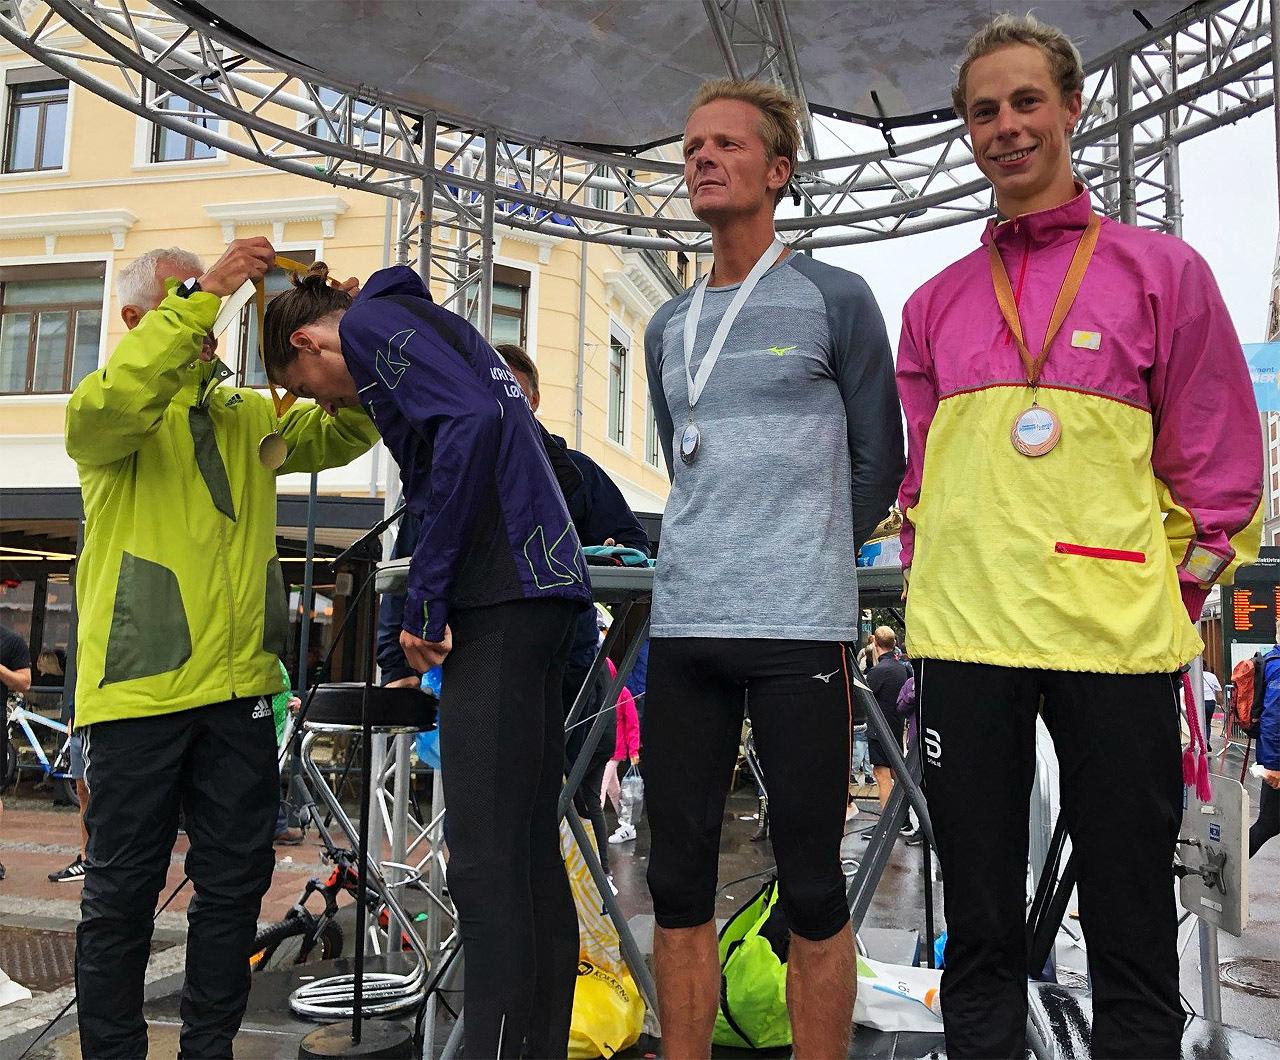 Sommerlopet_halvmaratonpallen_Menn.jpg